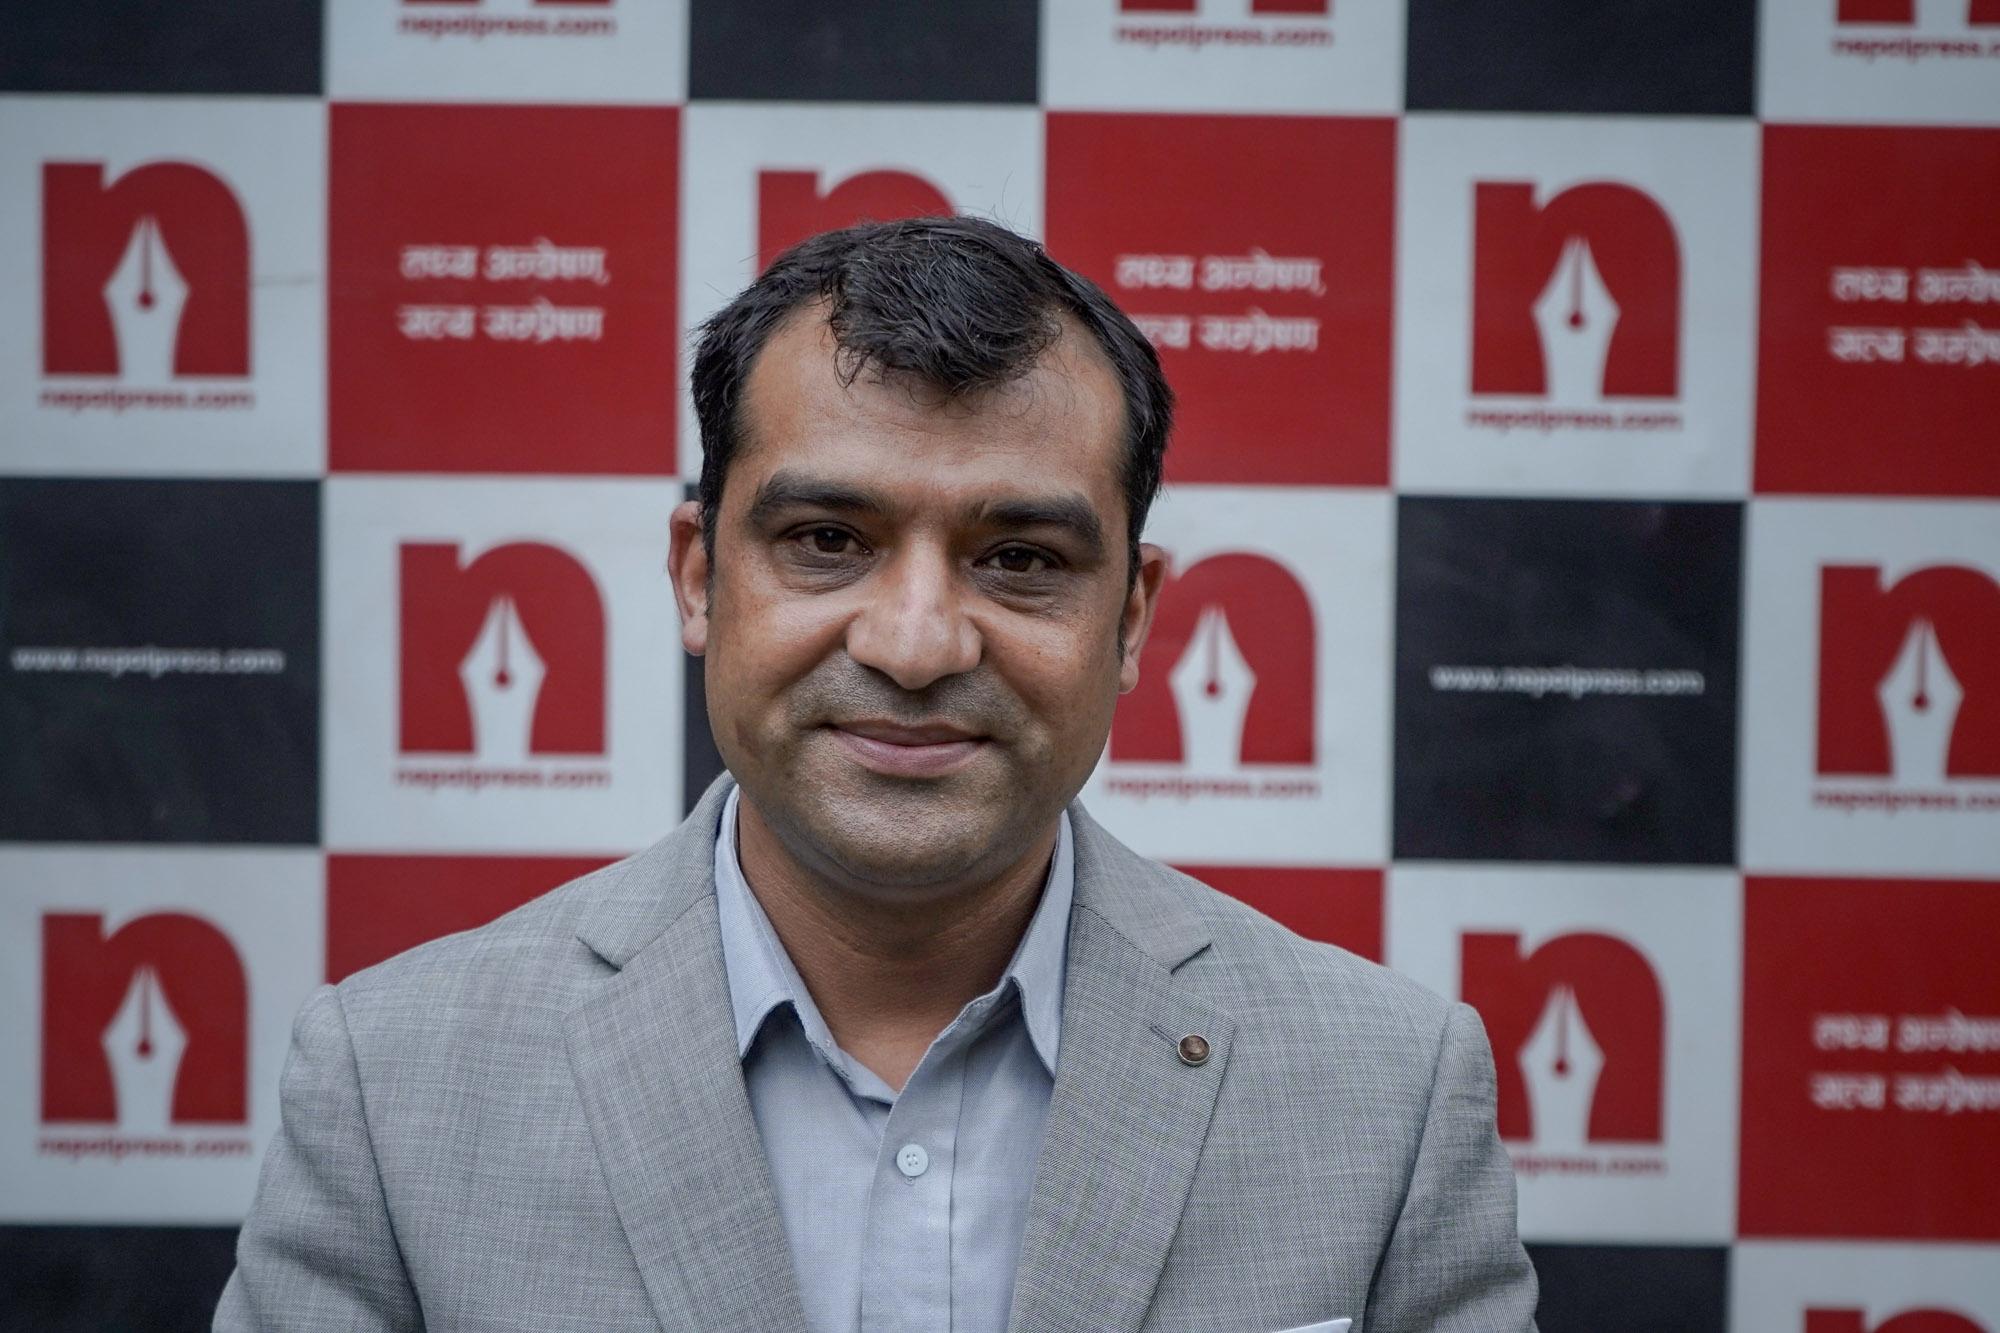 नेपाल प्रेसका प्रधान सम्पादक पौडेललाई राष्ट्रिय पत्रकारिता पुरस्कार (सूचीसहित)